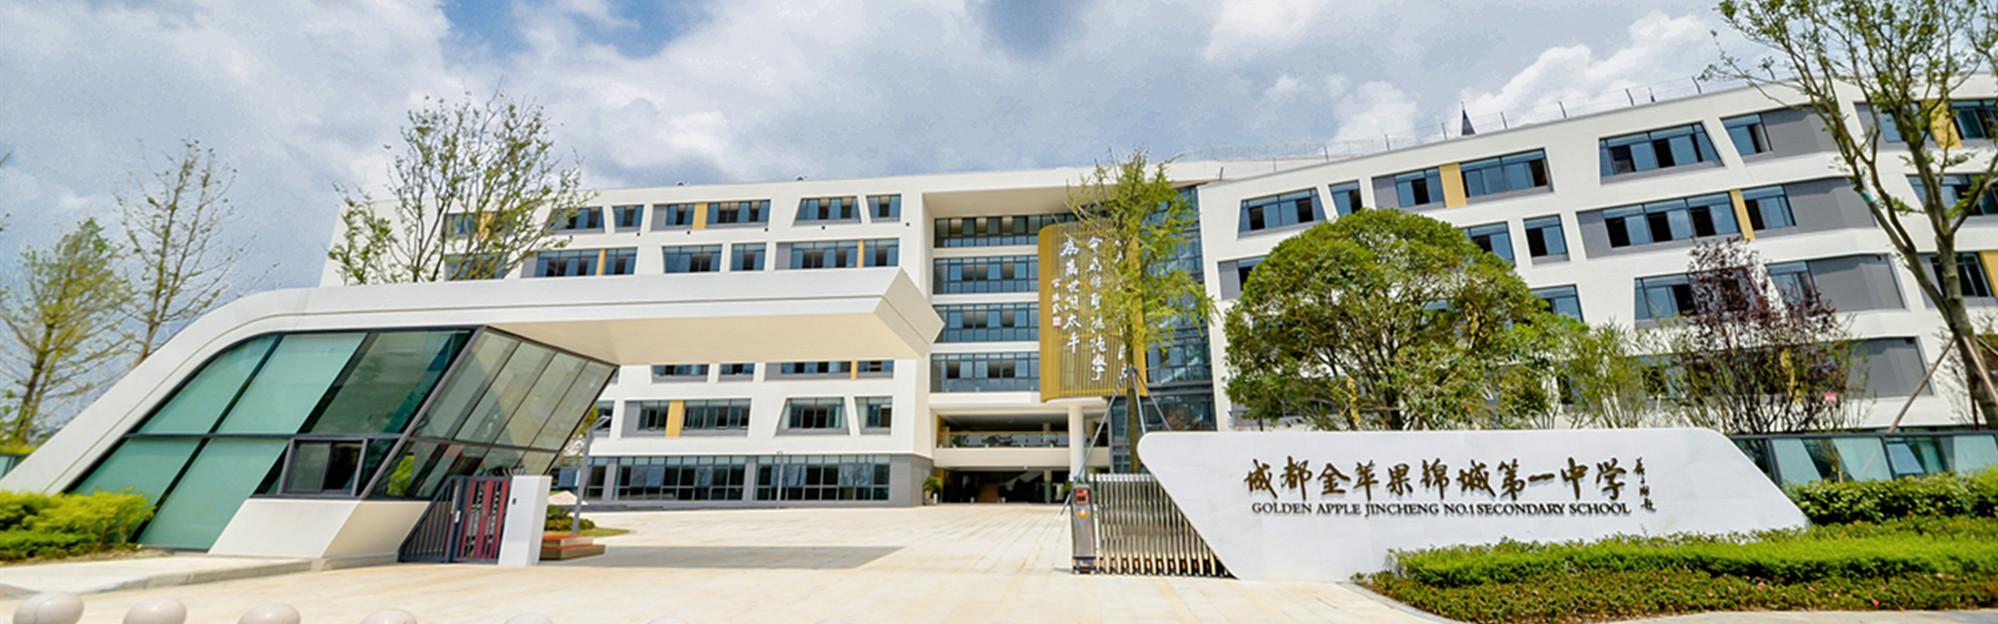 金苹果锦城第一中学国际特色课程